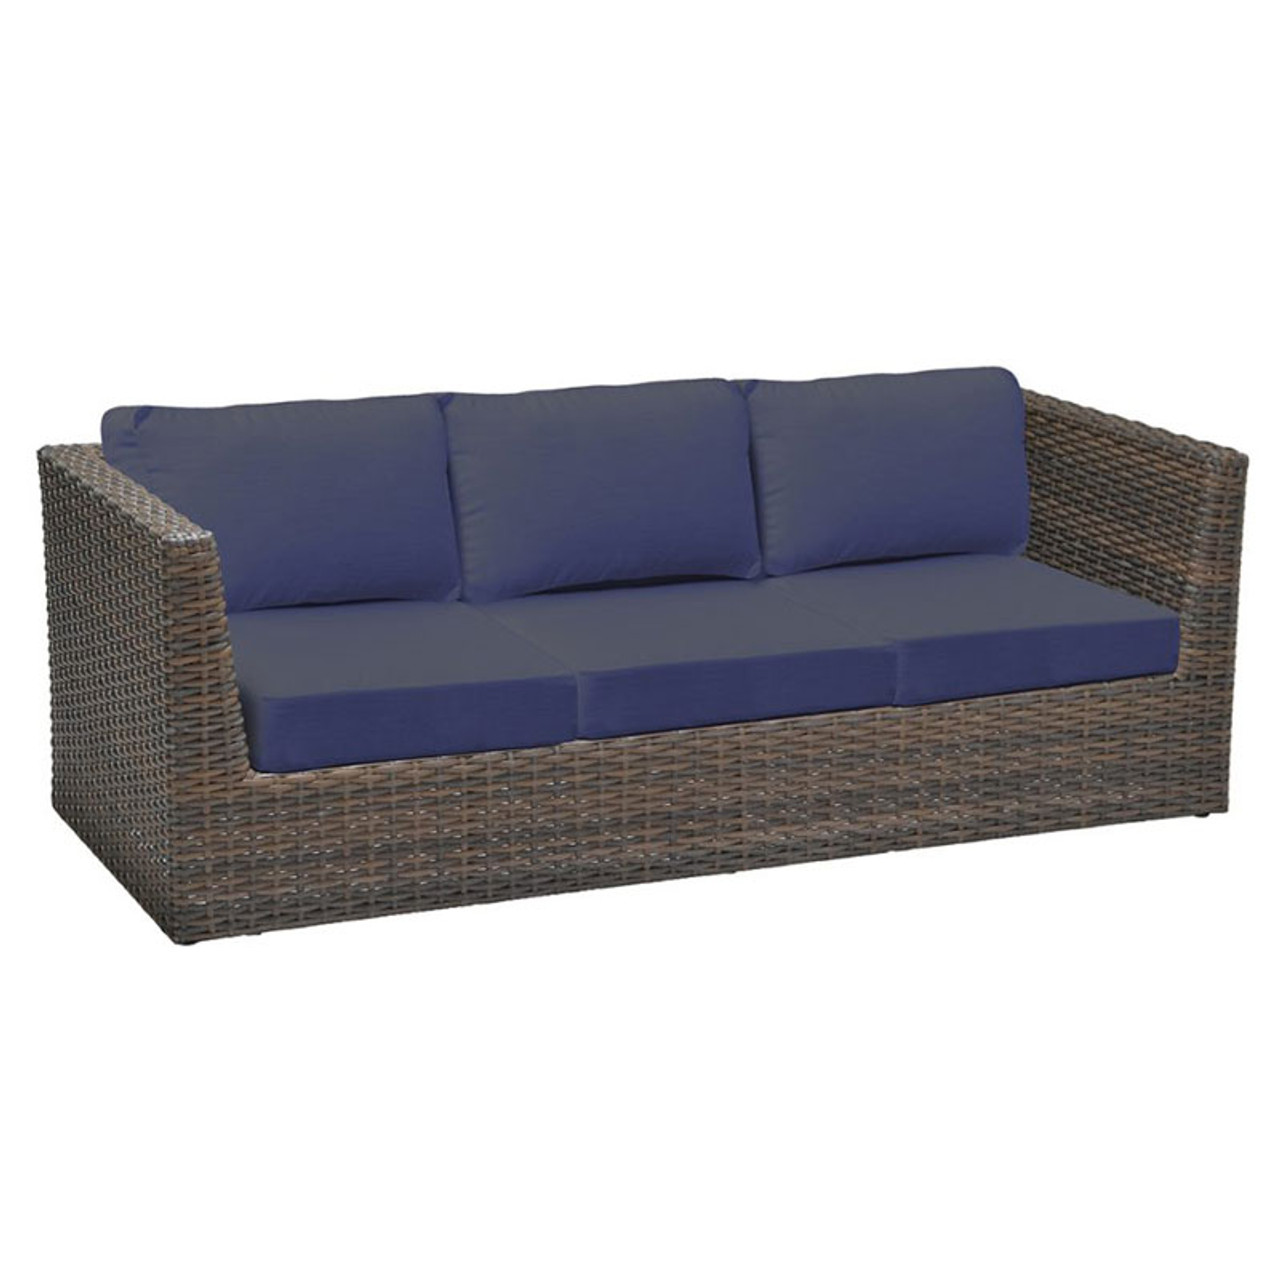 Bellanova Outdoor 3 Seater Sofa